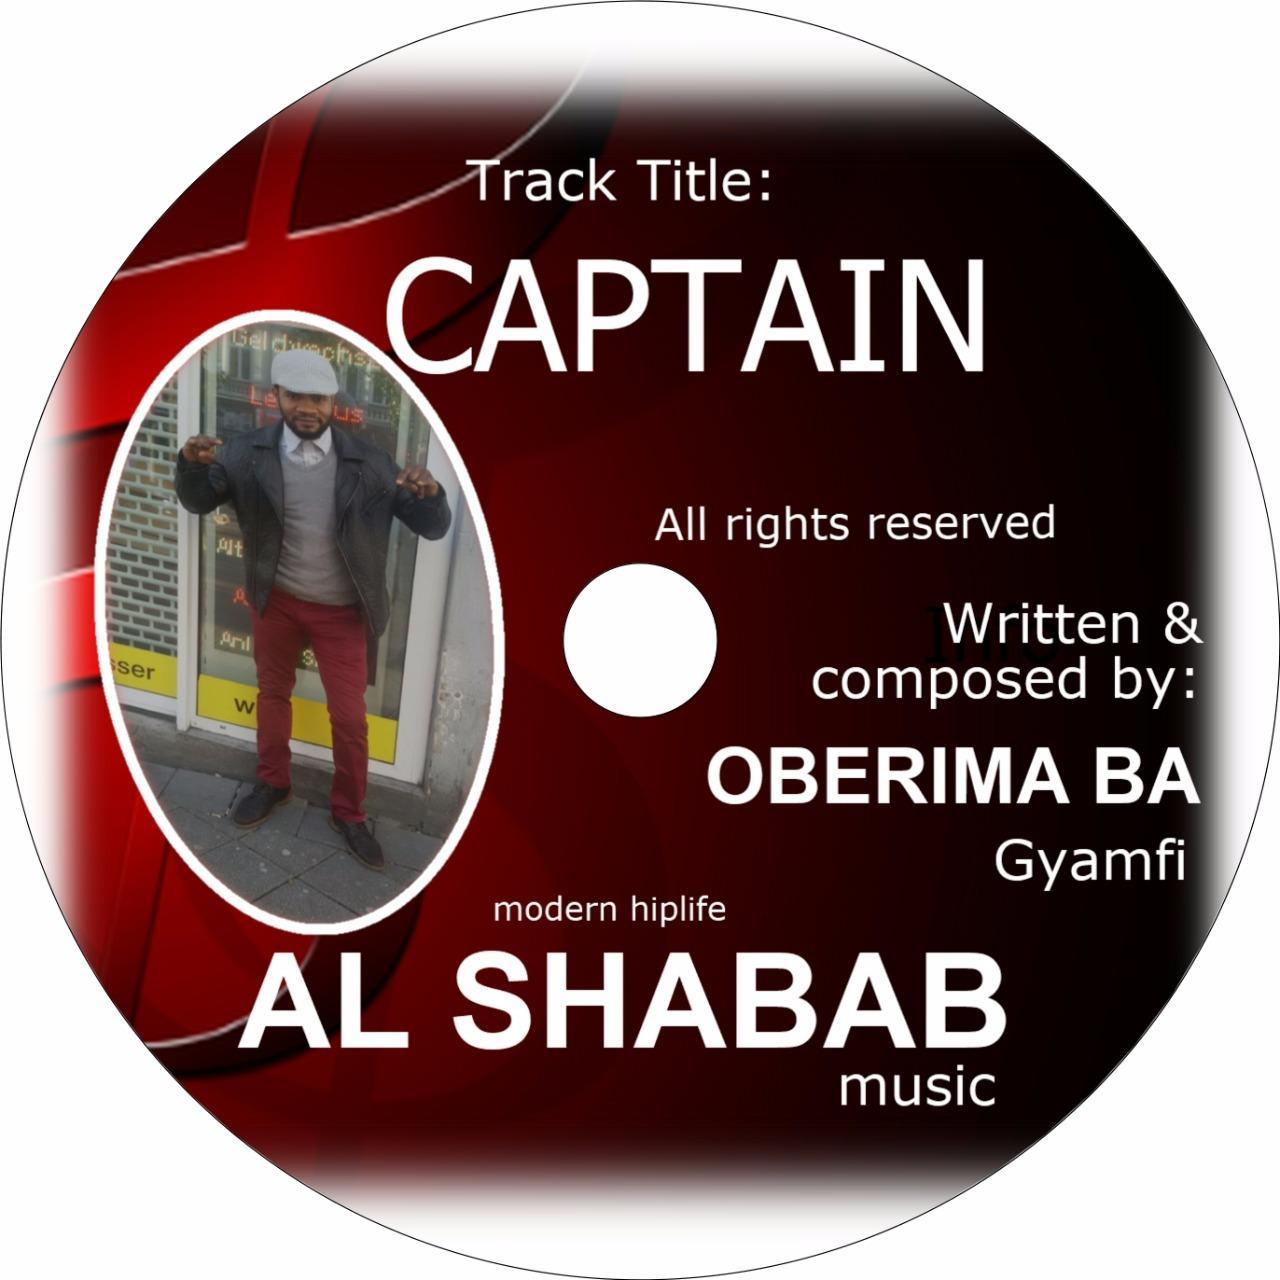 Obarima Ba Gyamfi – Captain